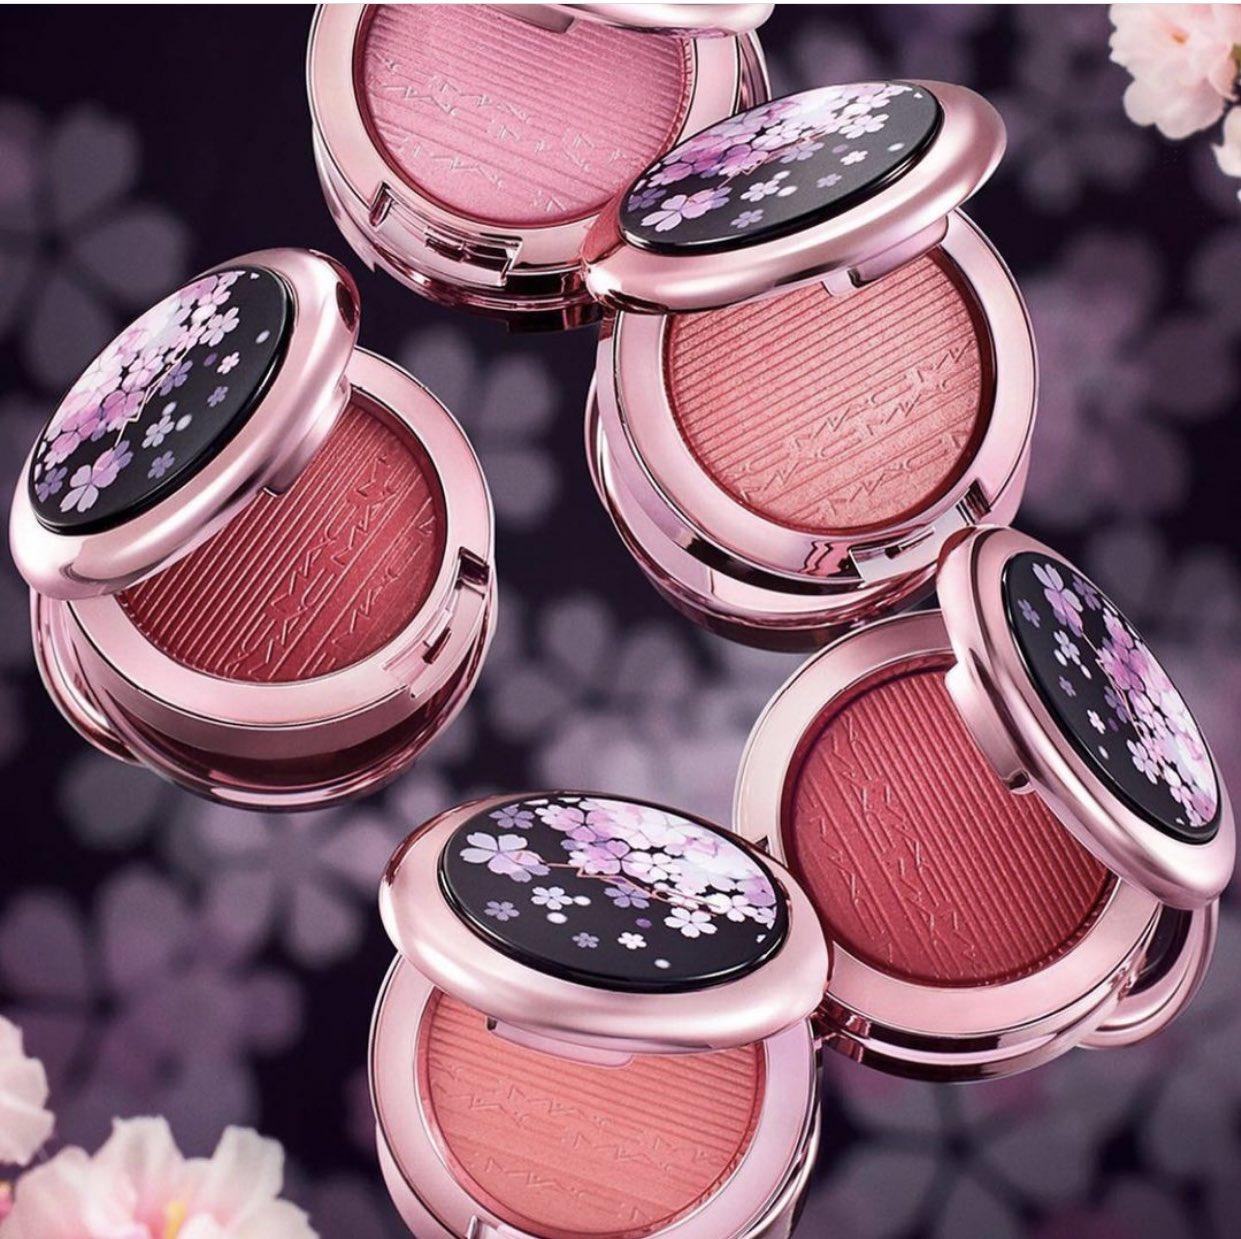 MAC Cosmetics All-Star Kit Just $15 Shipped + FREE Full